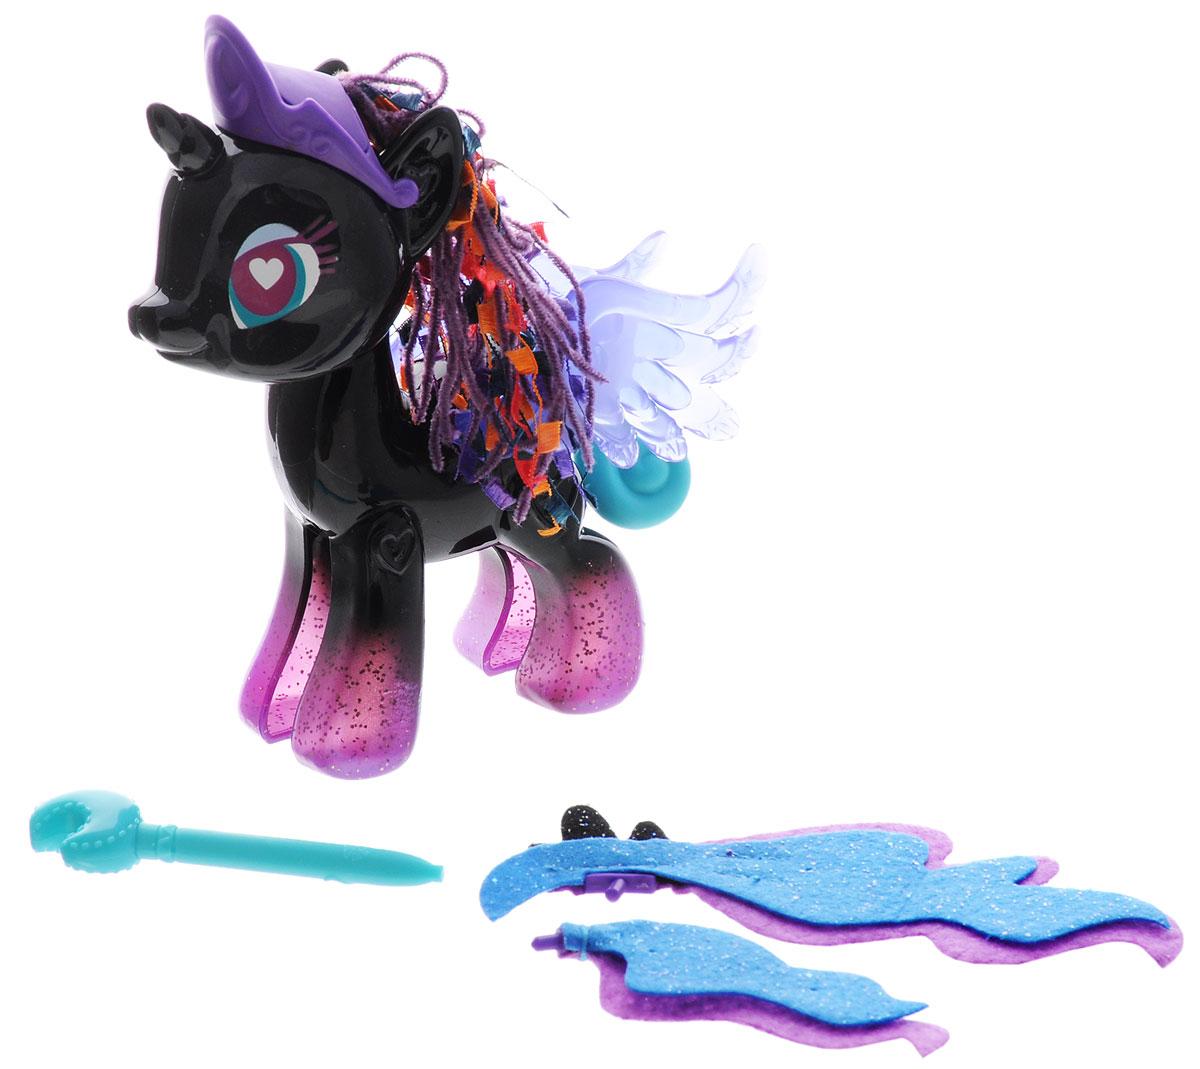 My Little Pony Игровой набор Princess LunaB3591EU4_B3012Игровой набор My Little Pony Princess Luna откроет перед вашей малышкой невероятные возможности! Девочка сможет сама собрать свою любимую пони - или придумать уникальную, комбинируя элементы из разных наборов. В набор входят элементы фигурки пони Принцессы Луны - 2 детали туловища, 2 гривы, 2 хвостика, крылья и другие аксессуары, которыми малышка сможет украсить пони по своему вкусу. Все элементы набора выполнены из прочного безопасного пластика. Они легко соединяются друг с другом, и собрать пони не составит труда. Элементы набора совместимы с другими элементами из серии My Little Pony Pop Design-A-Pony, что позволит малышке создать собственную, уникальную пони. Игра с таким набором не только подарит девочке множество счастливых мгновений, но и поможет развить мелкую моторику рук и творческие способности.